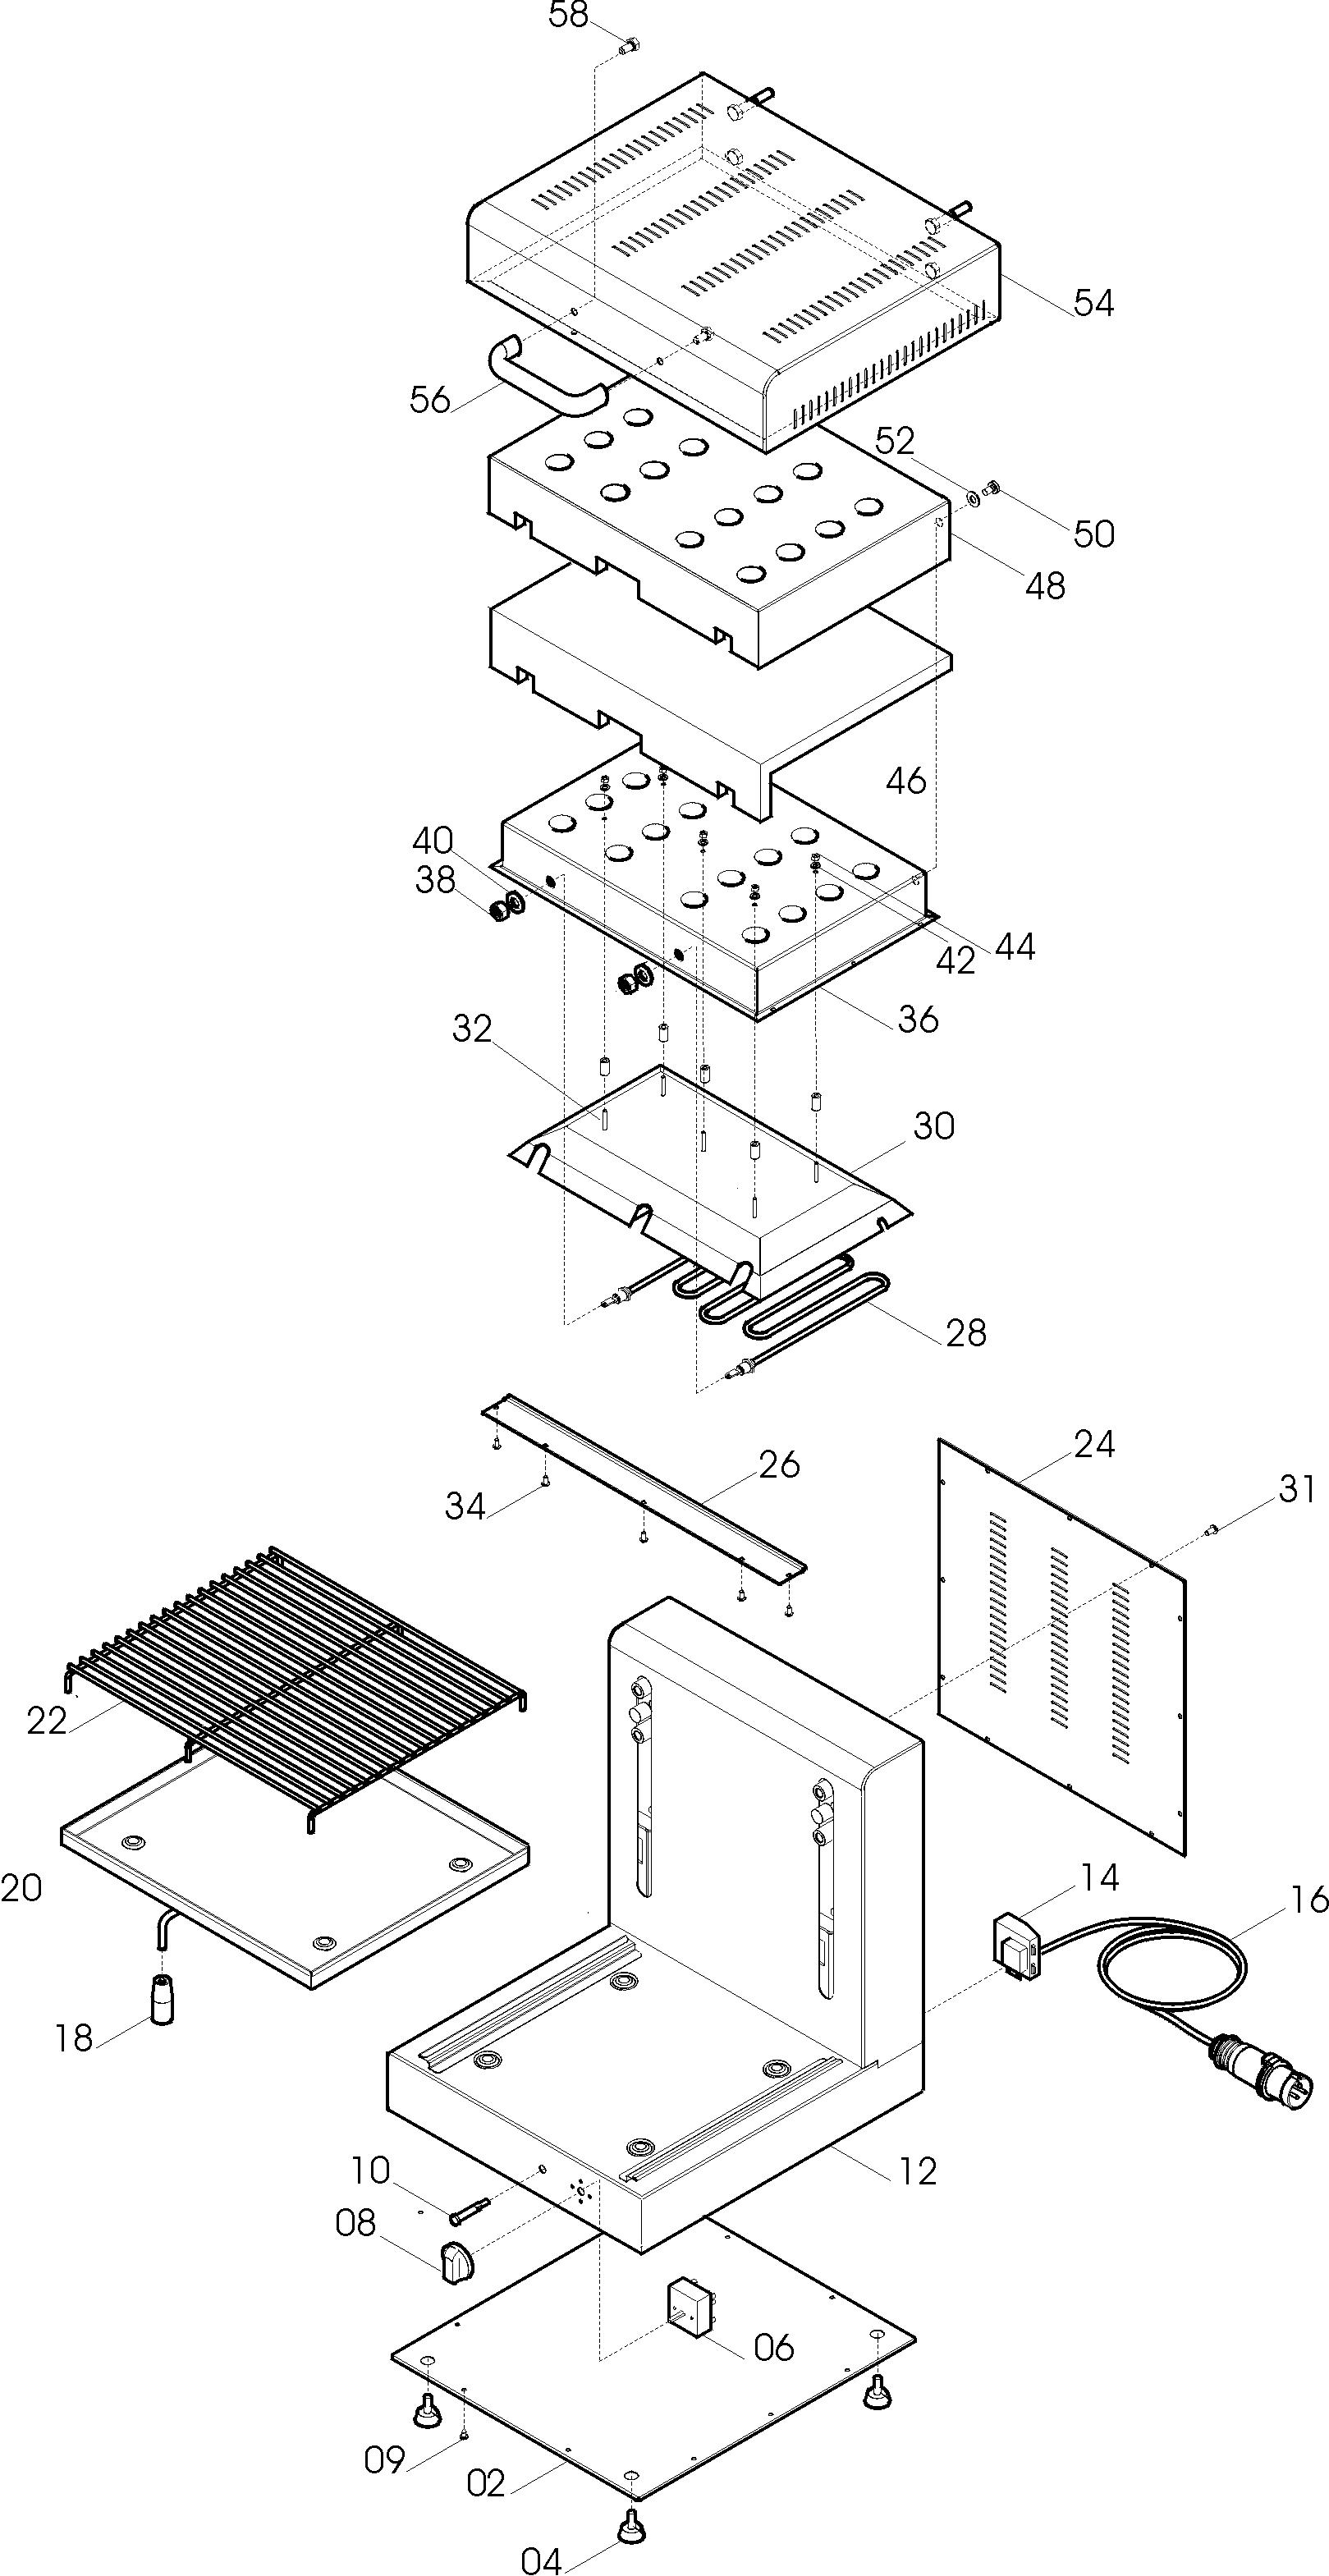 工程图 简笔画 平面图 手绘 线稿 1619_3138 竖版 竖屏